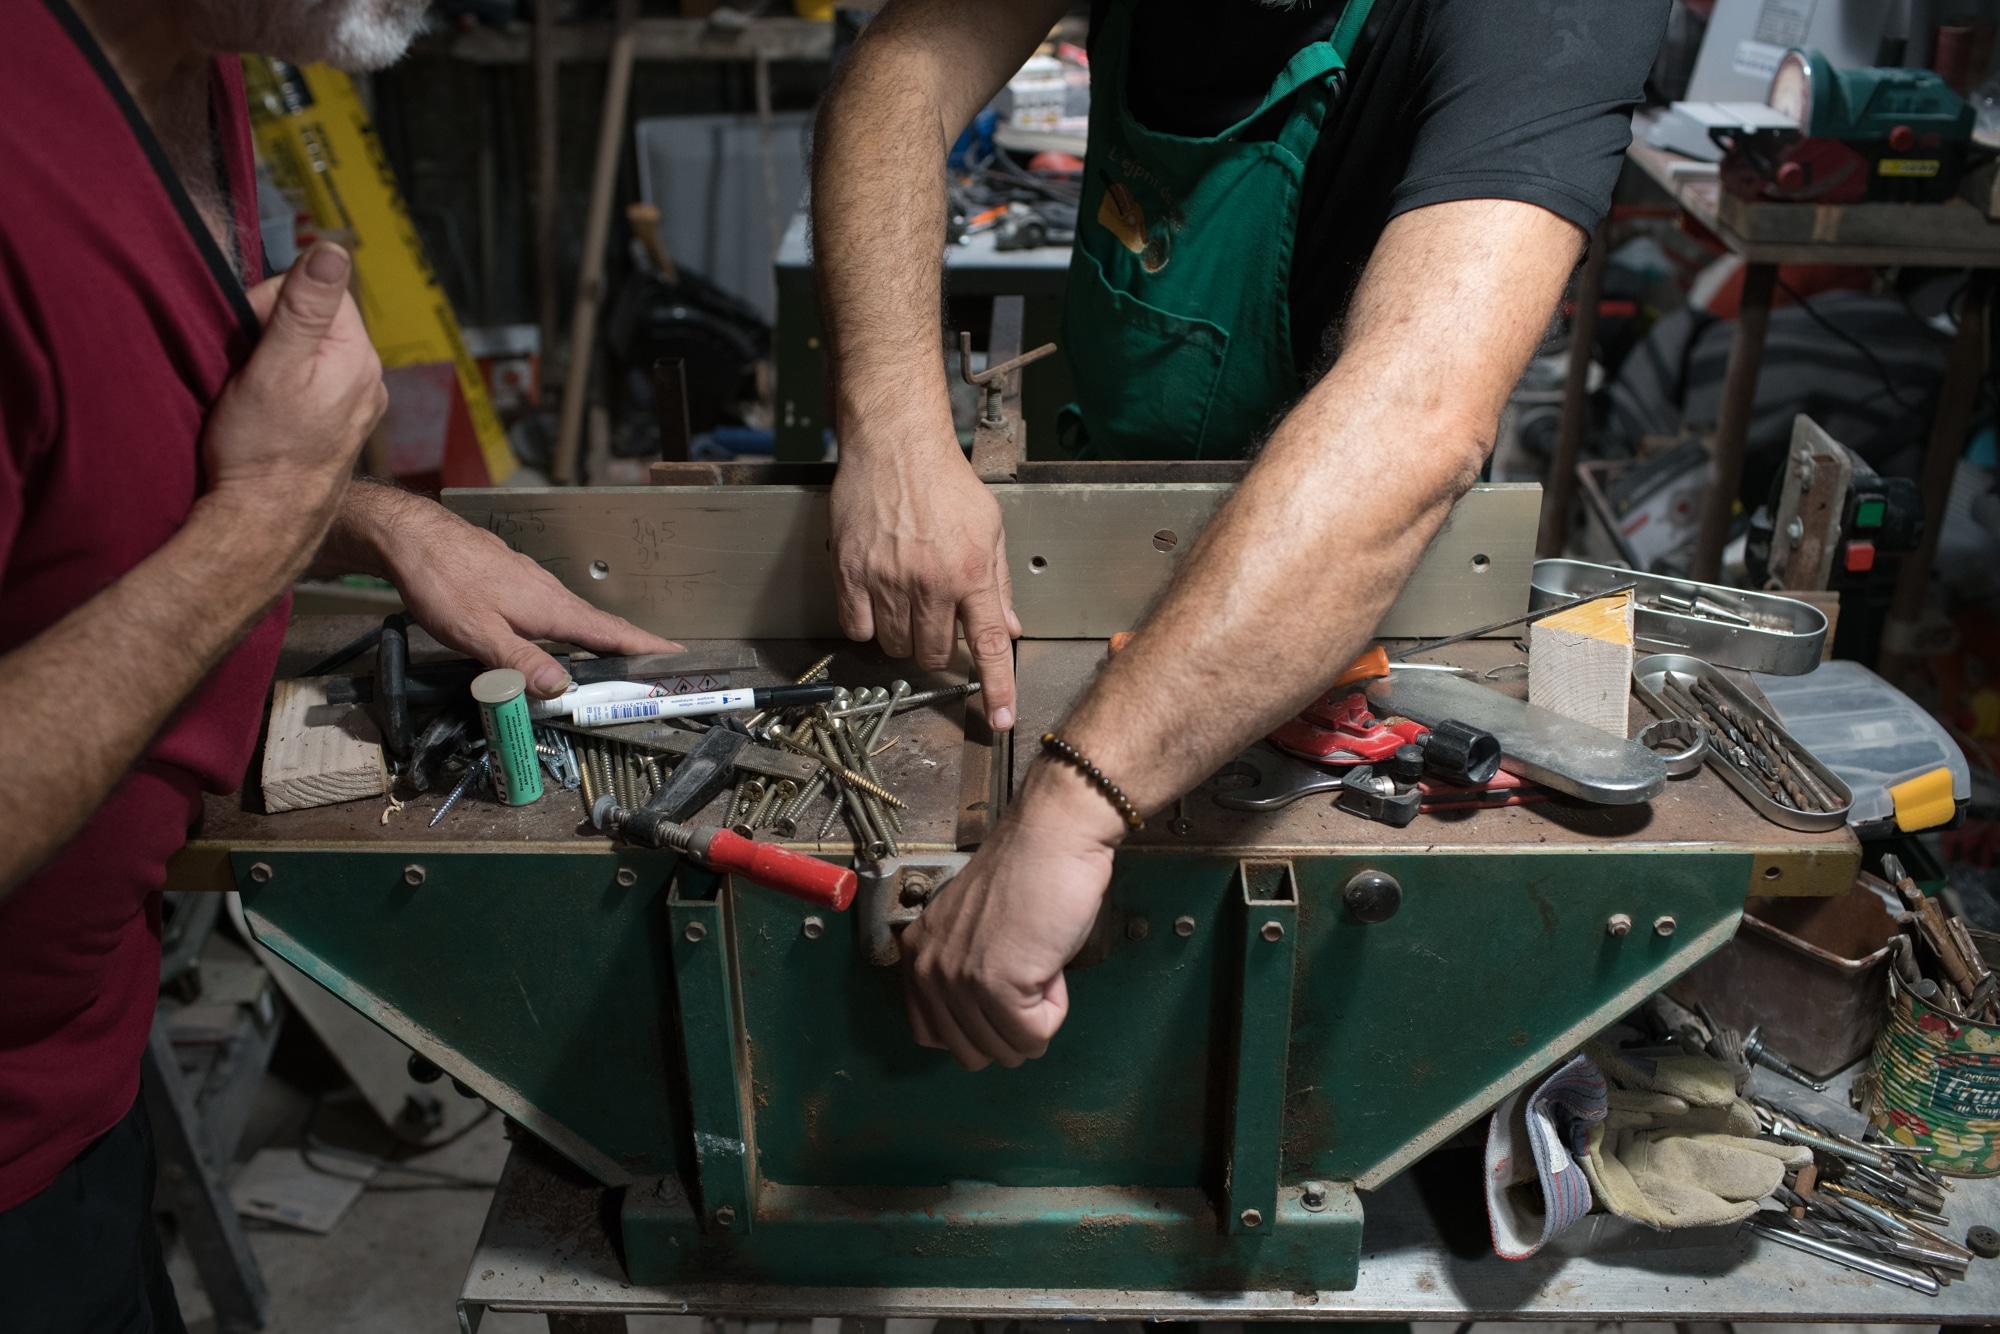 Quatre mains s'affairent autour d'un outil de conception.